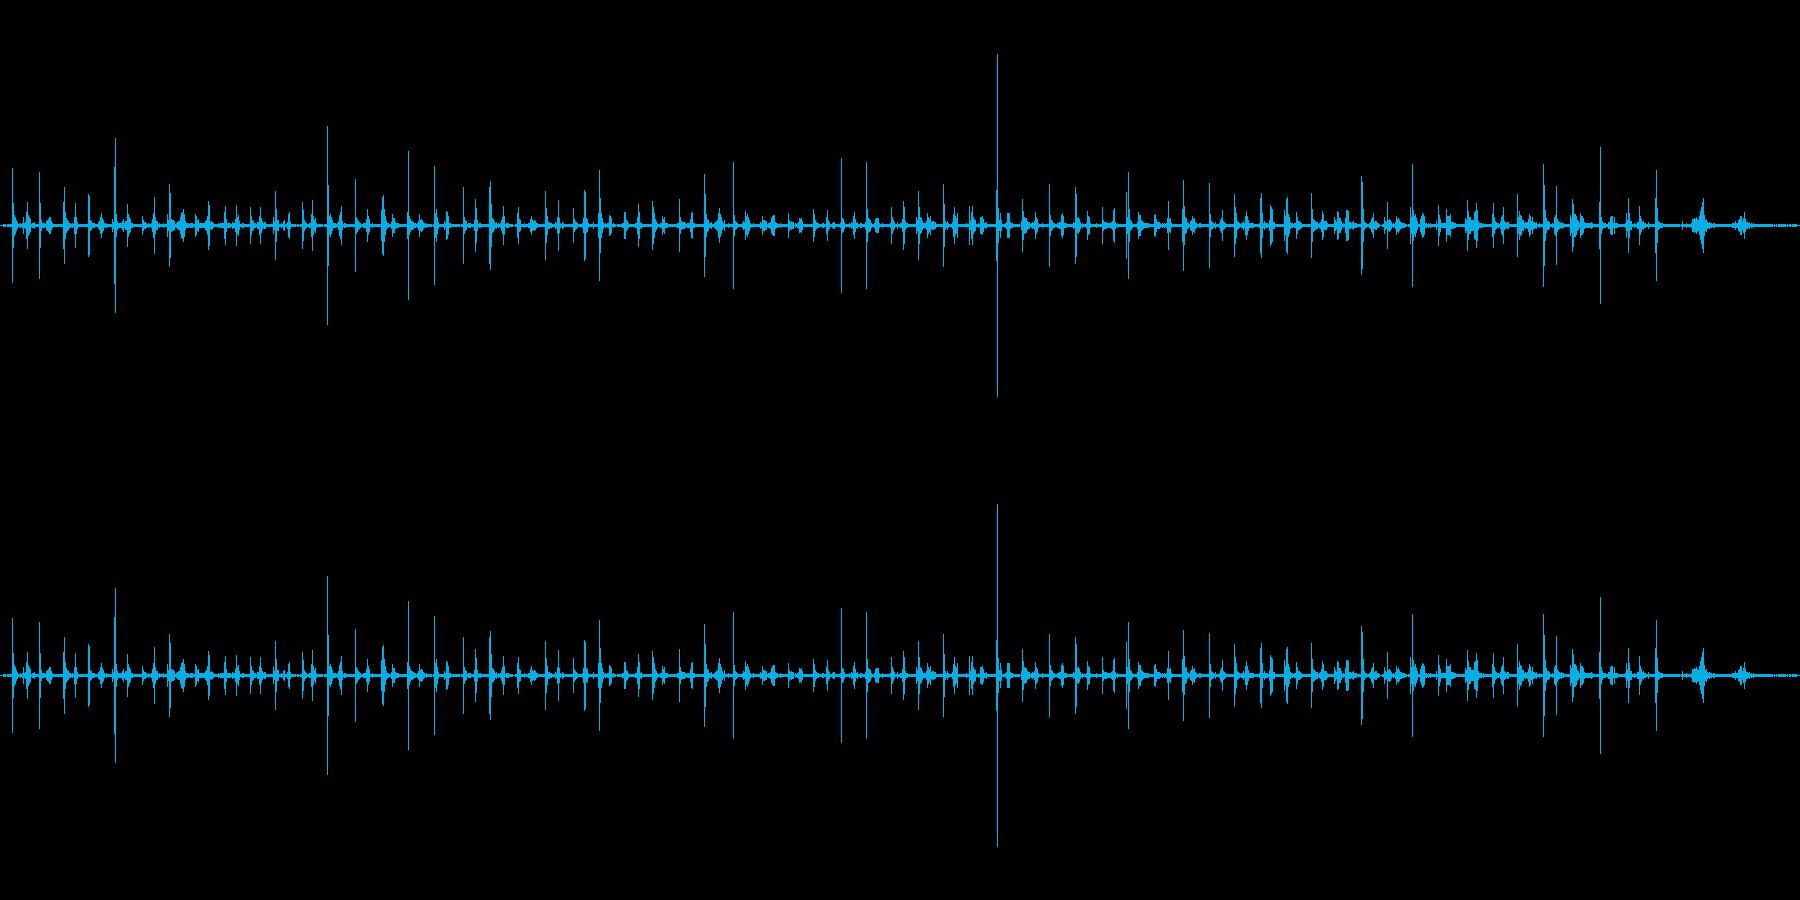 足音(歩く1)サンダル+コンクリートの再生済みの波形